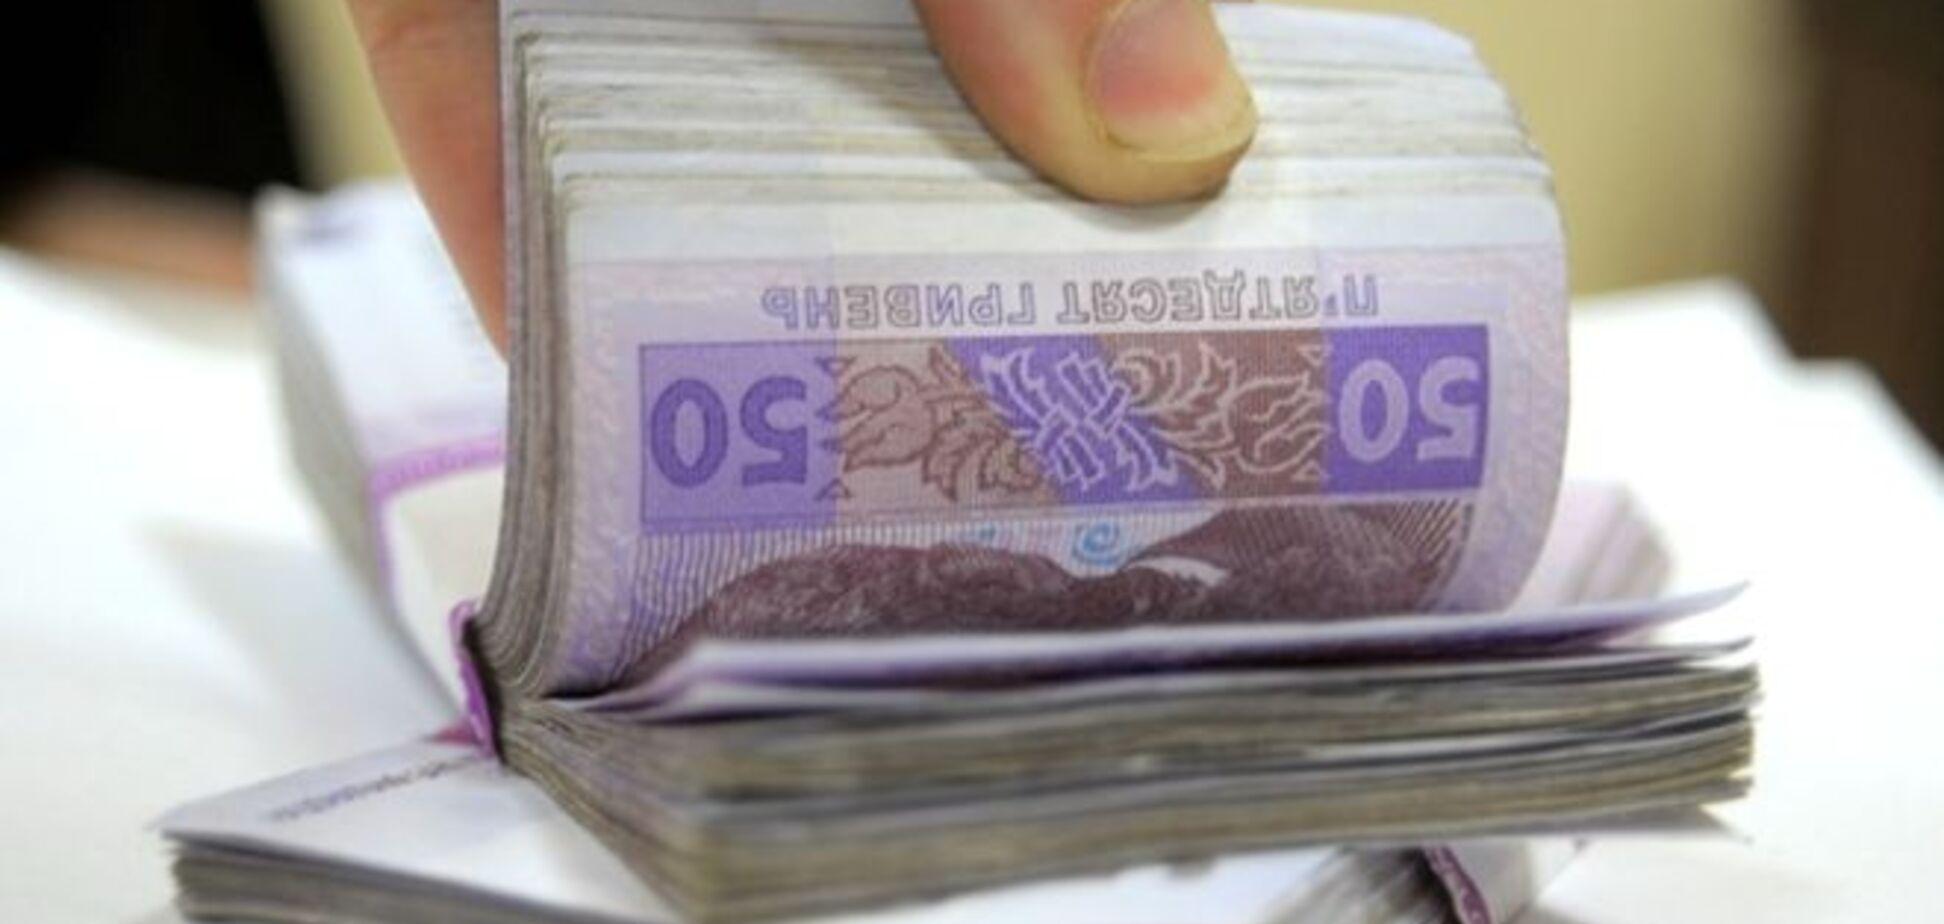 Два сотрудника 'Киевоблгаза' попались на взятке